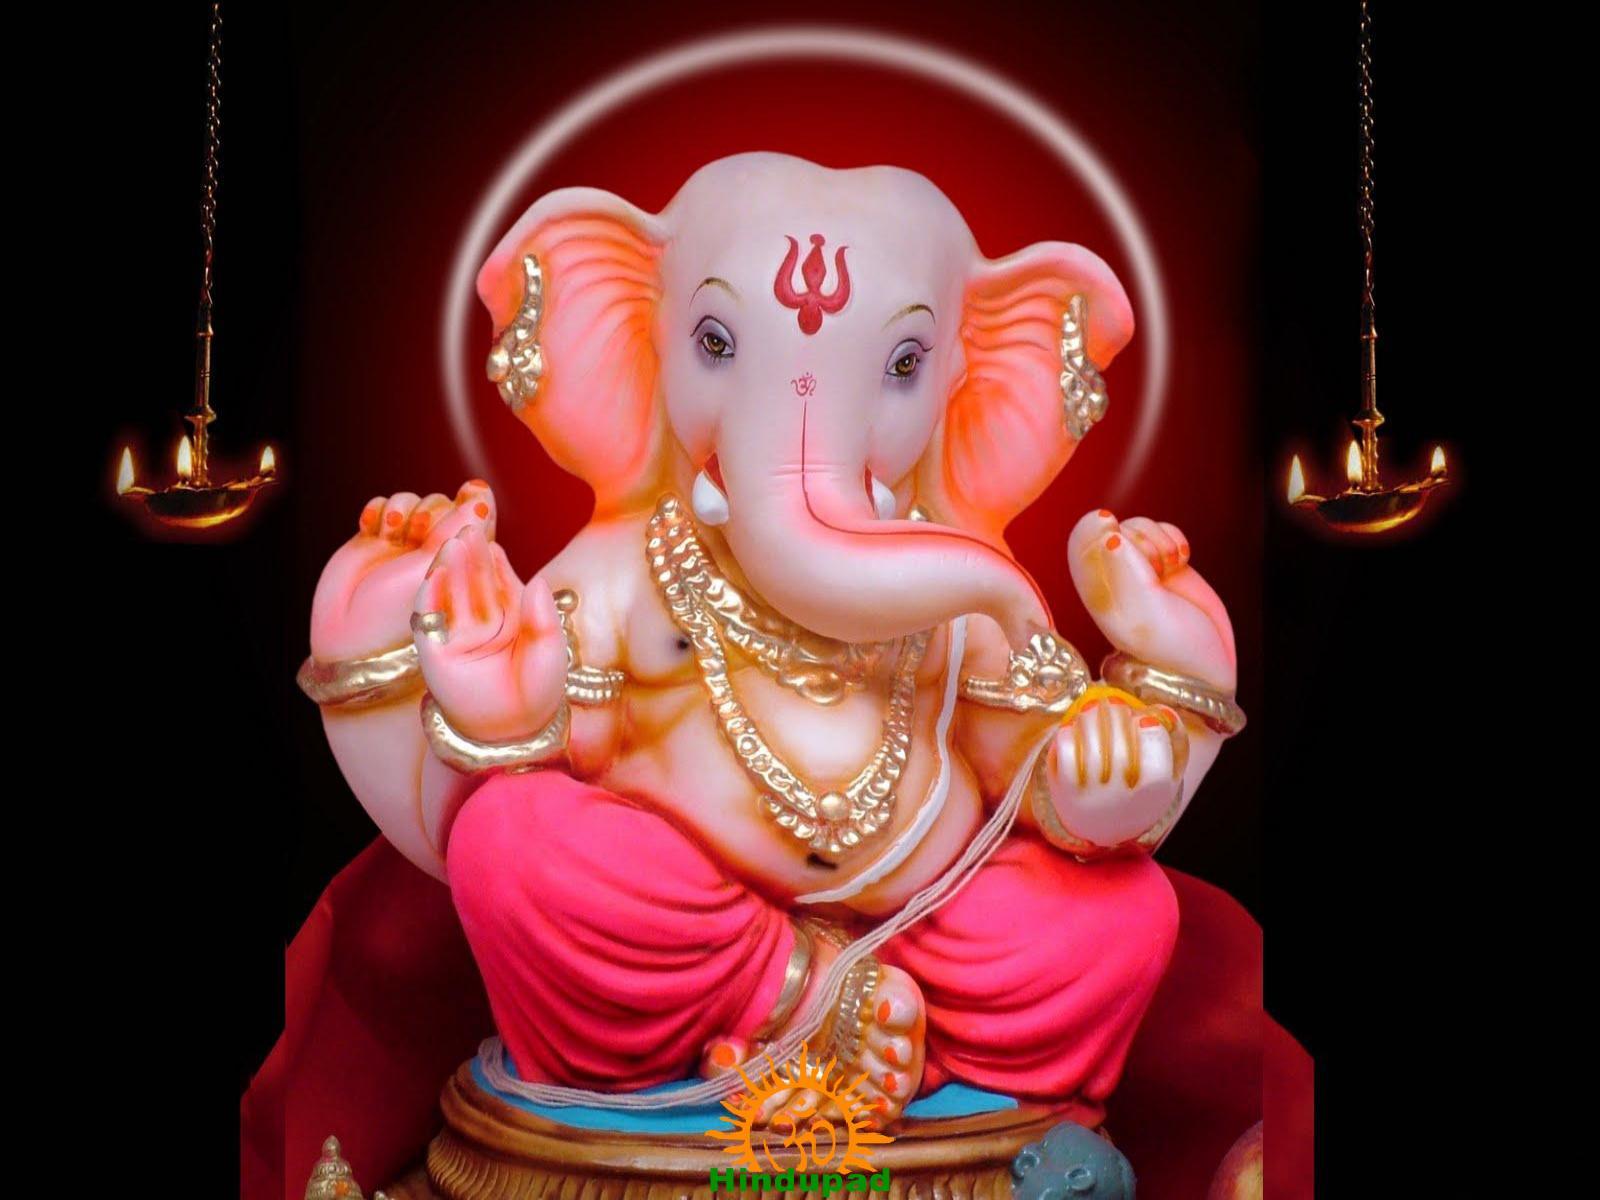 Ganesh Chaturthi 2018 Puja Muhurat   Vinayaka Chavithi 2018 Puja Muhurtham - HinduPad